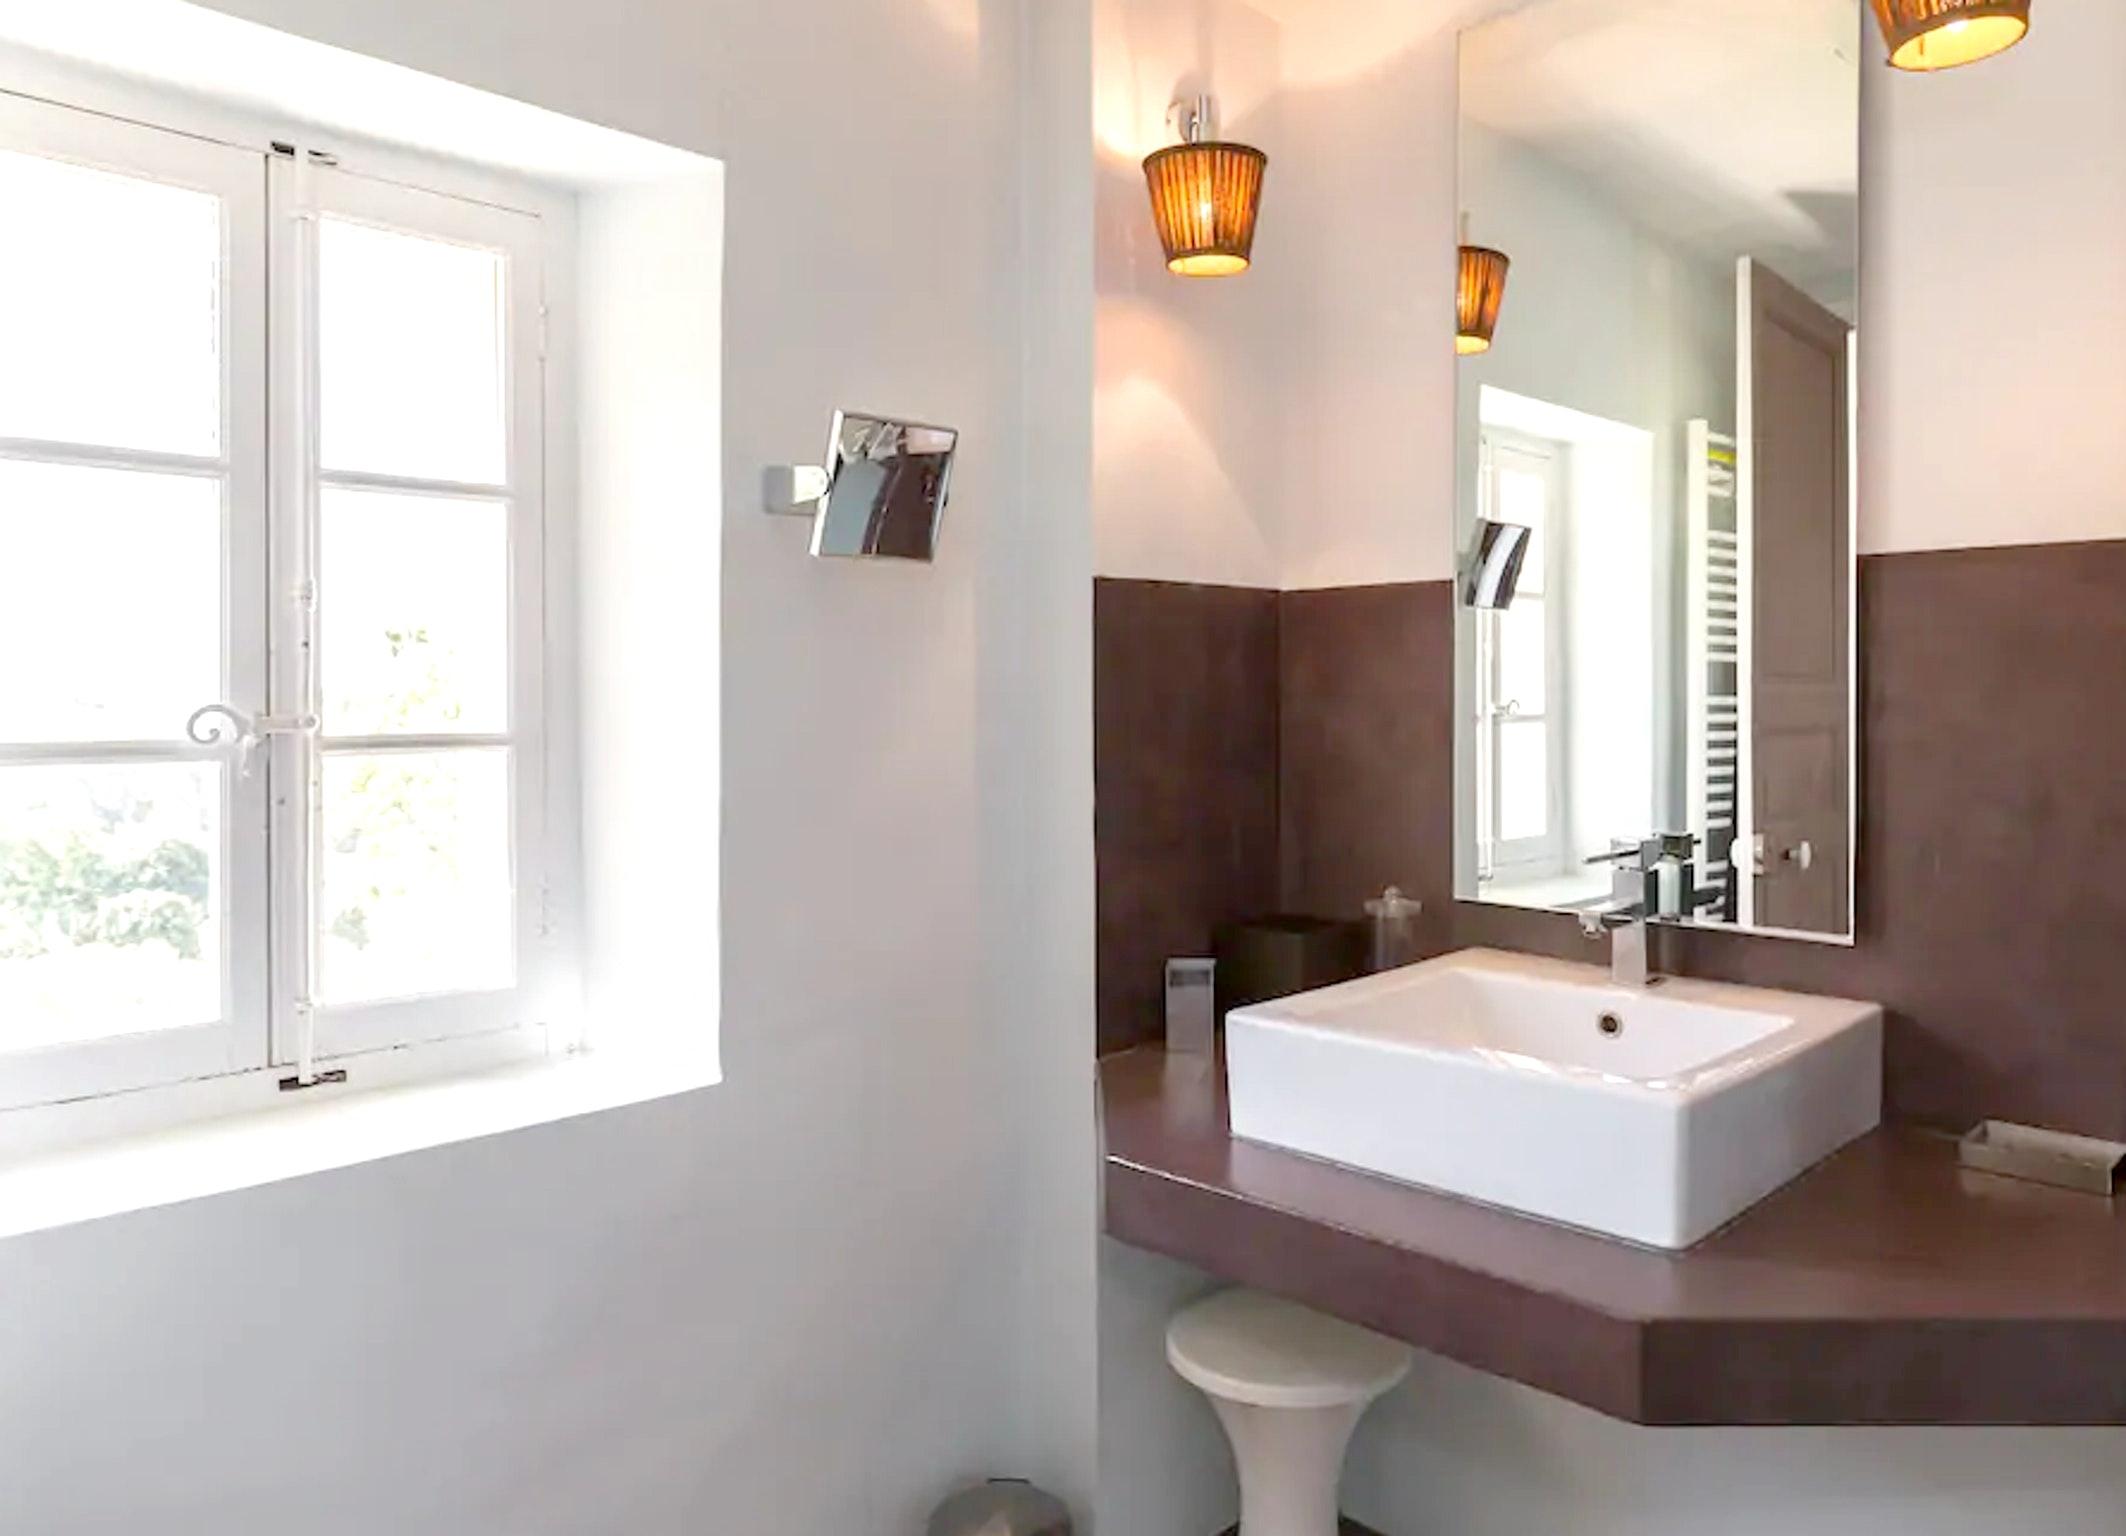 Maison de vacances Villa mit 6 Schlafzimmern in L'Isle-sur-la-Sorgue mit privatem Pool, möbliertem Garten und (2647203), L'Isle sur la Sorgue, Vaucluse, Provence - Alpes - Côte d'Azur, France, image 40